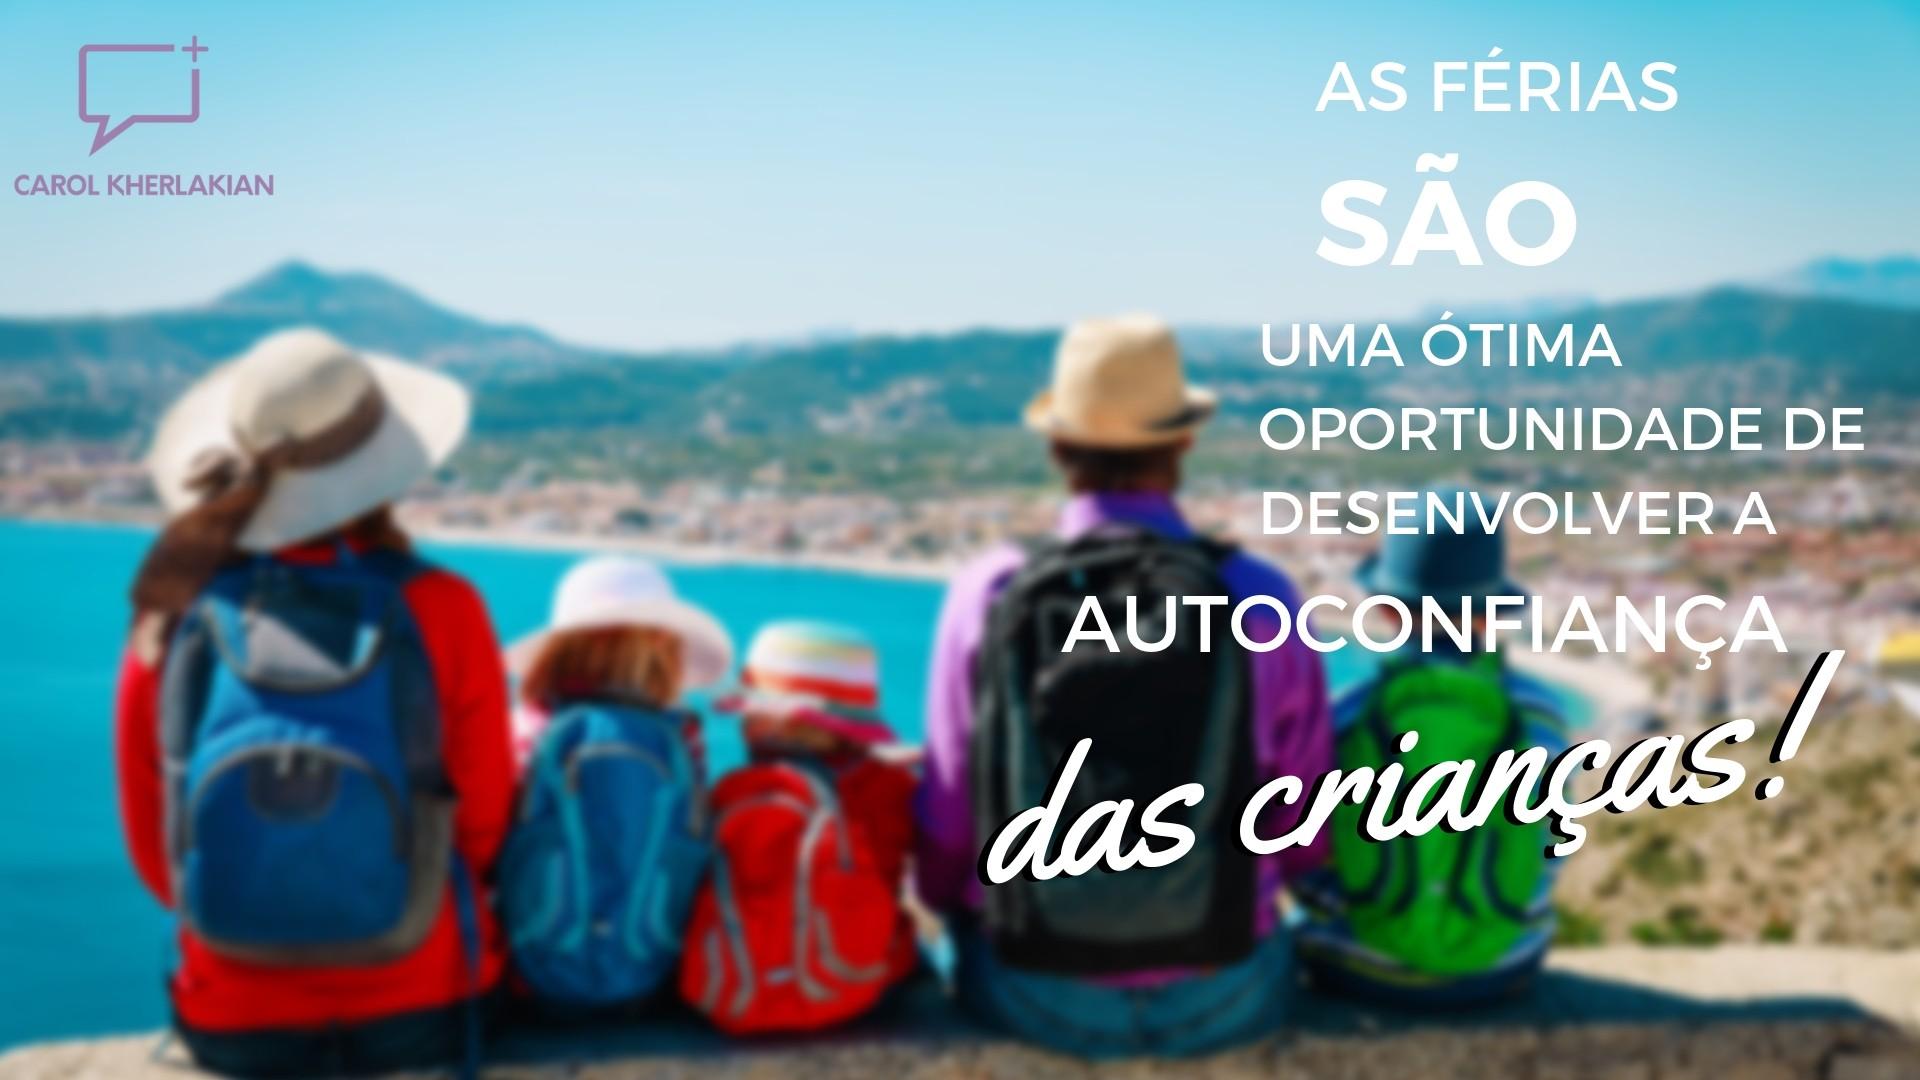 As férias são uma ótima oportunidade de desenvolver a autoconfiança nas crianças